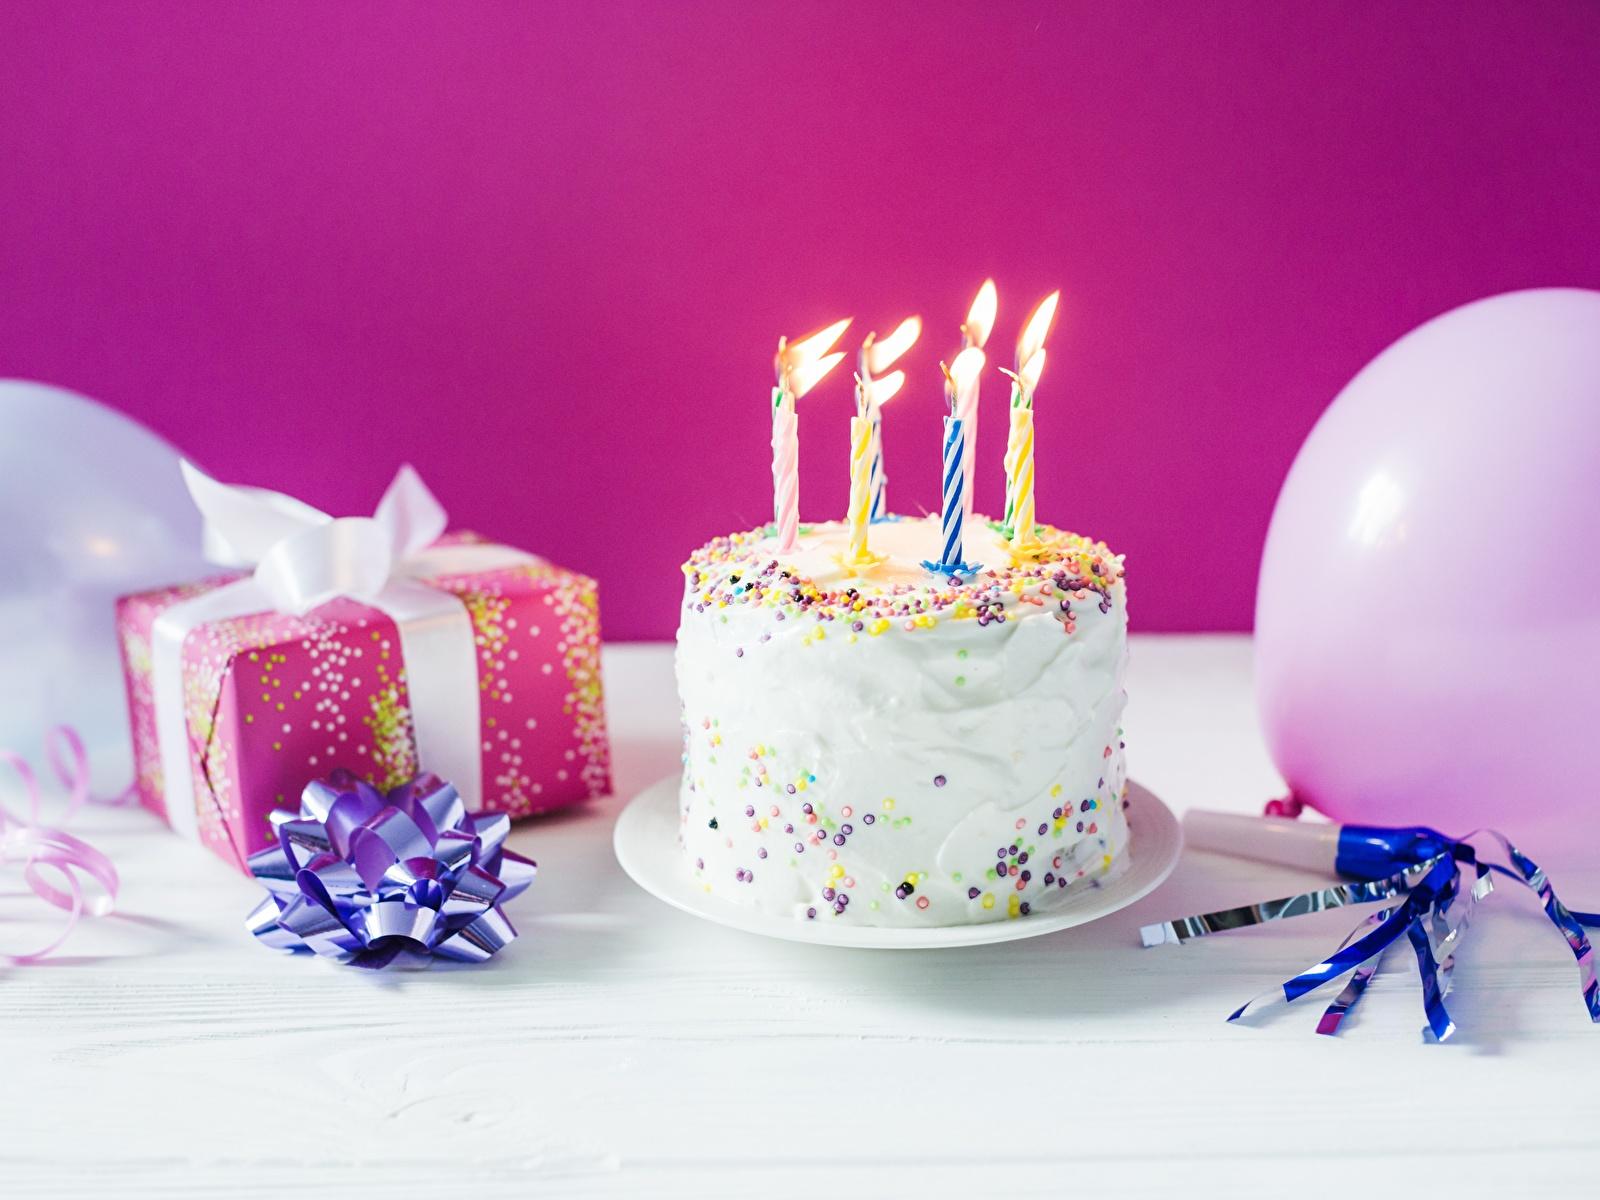 Фотография День рождения Торты подарков Пища Свечи Праздники 1600x1200 Подарки подарок Еда Продукты питания